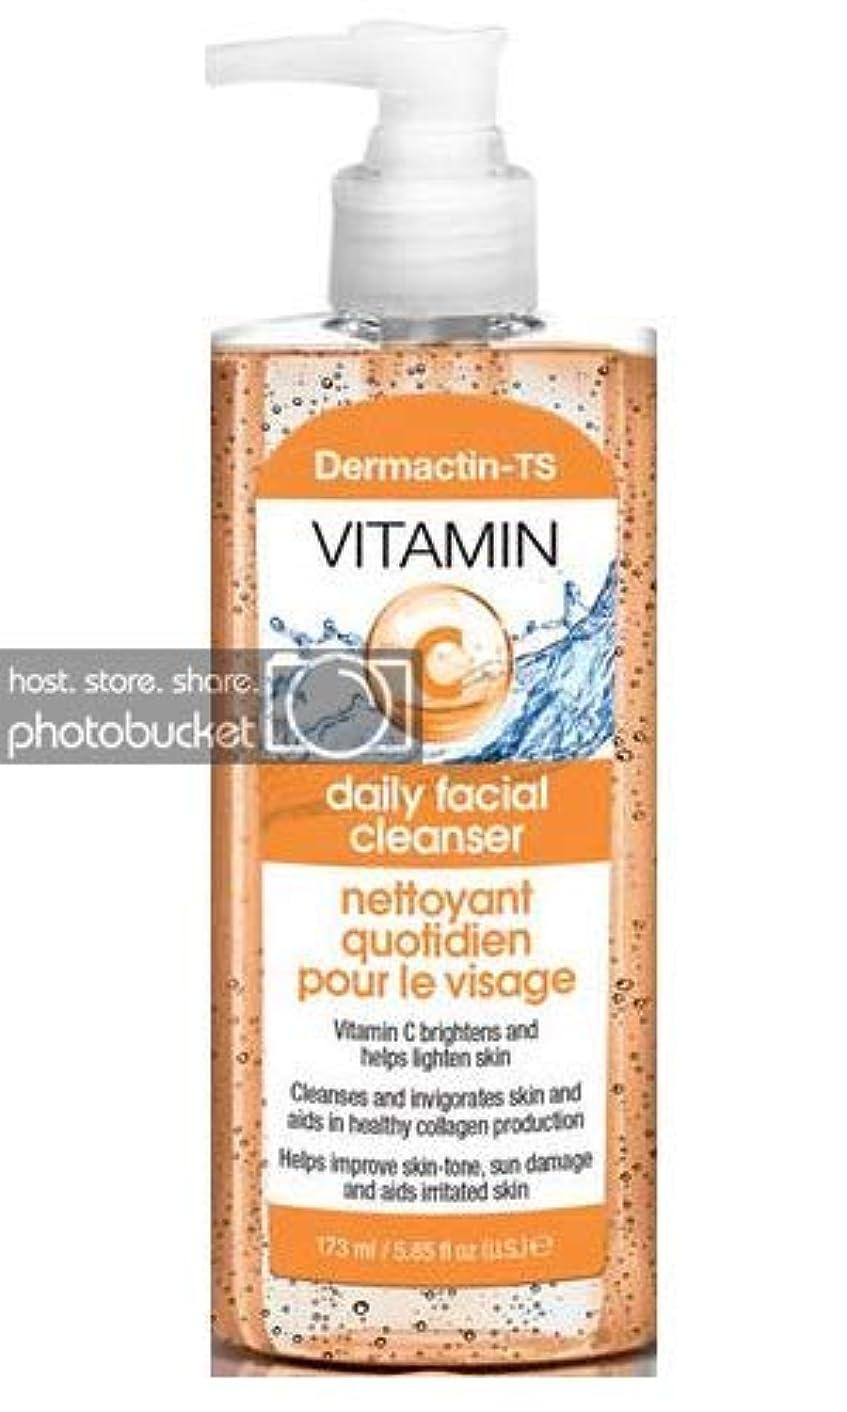 検索エンジン最適化アクション毛細血管Dermactin-TS ビタミンCフェイシャルクレンザー165g (3パック) (並行輸入品)